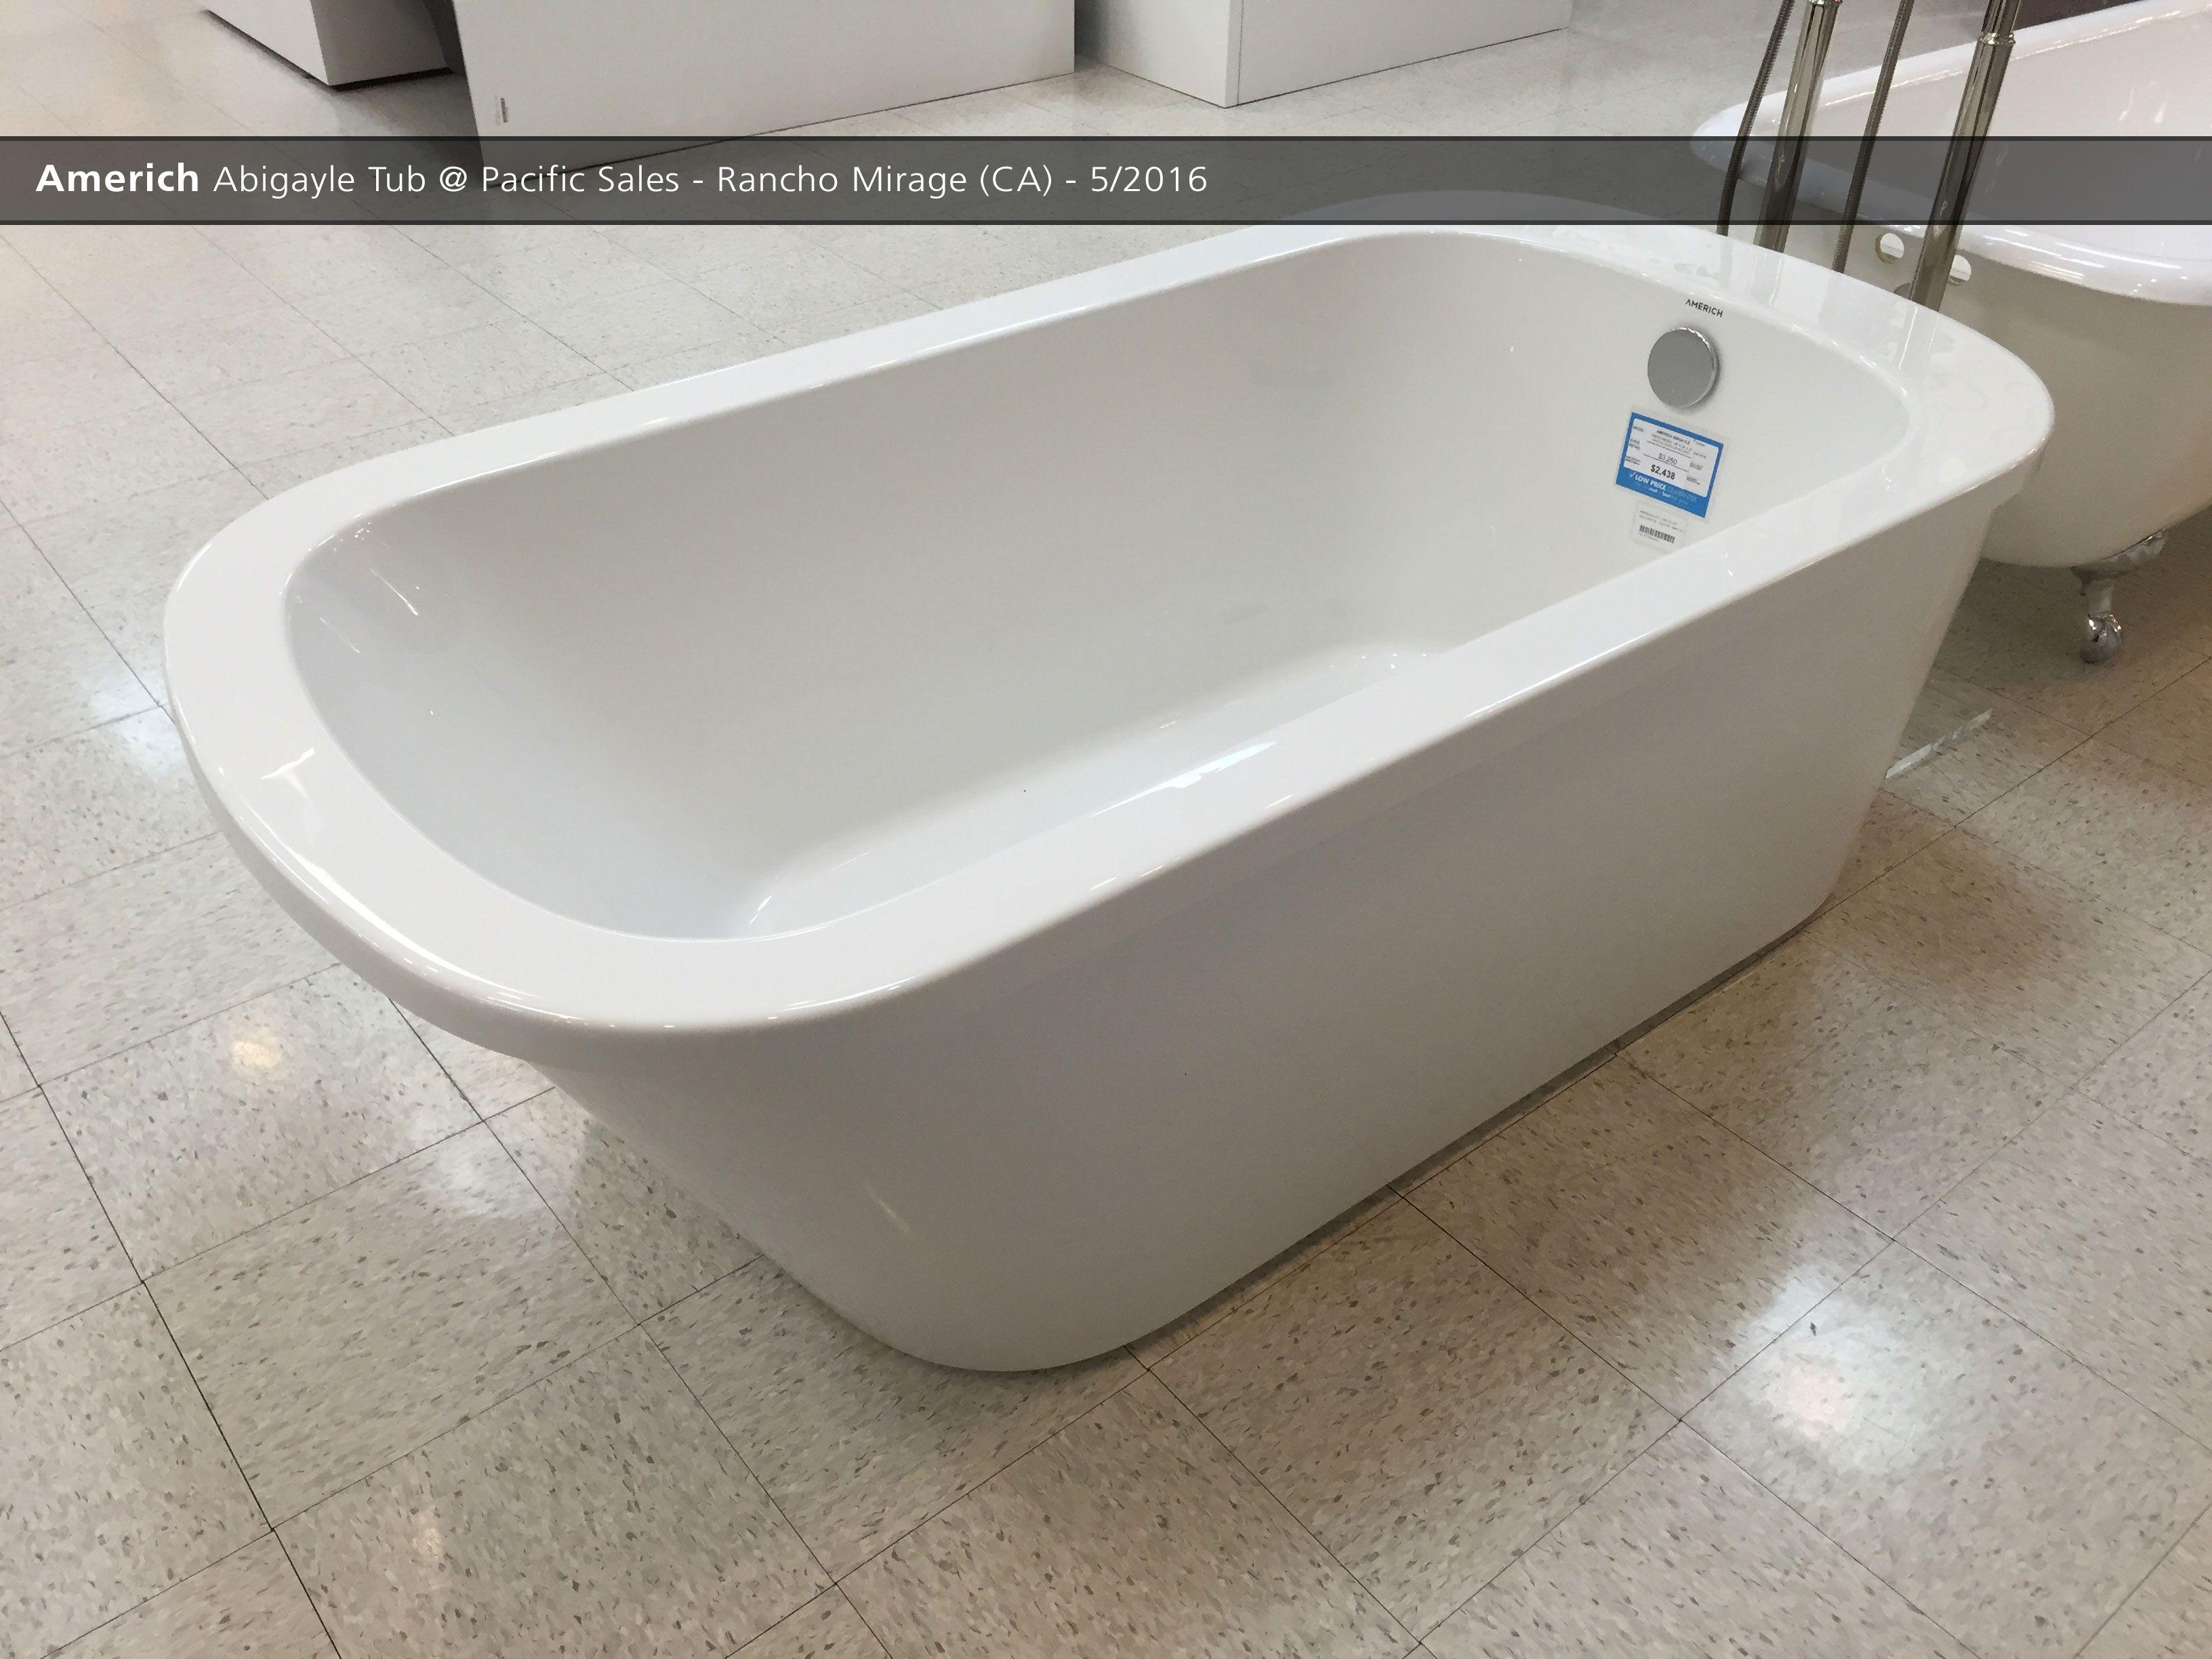 Bathroom Showrooms Torrance Ca americh abigayle tub @ pacific sales - rancho mirage (ca) - 5/2016